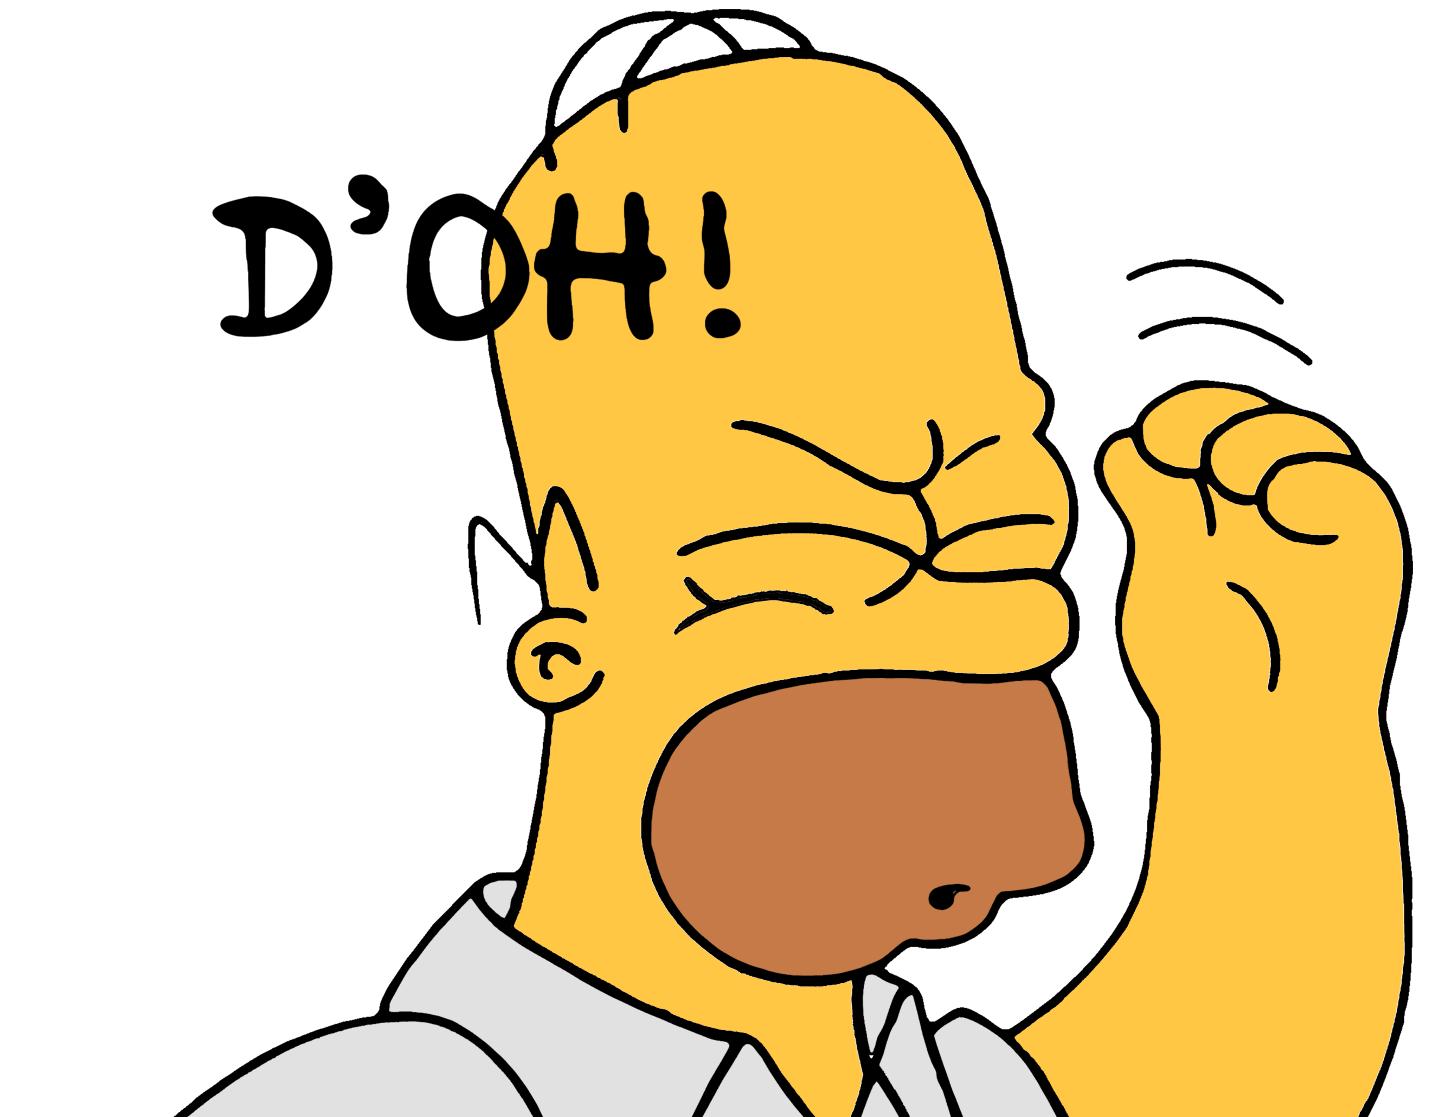 ИИ от DeepMind не в состоянии точно идентифицировать действия Гомера Симпсона - 1